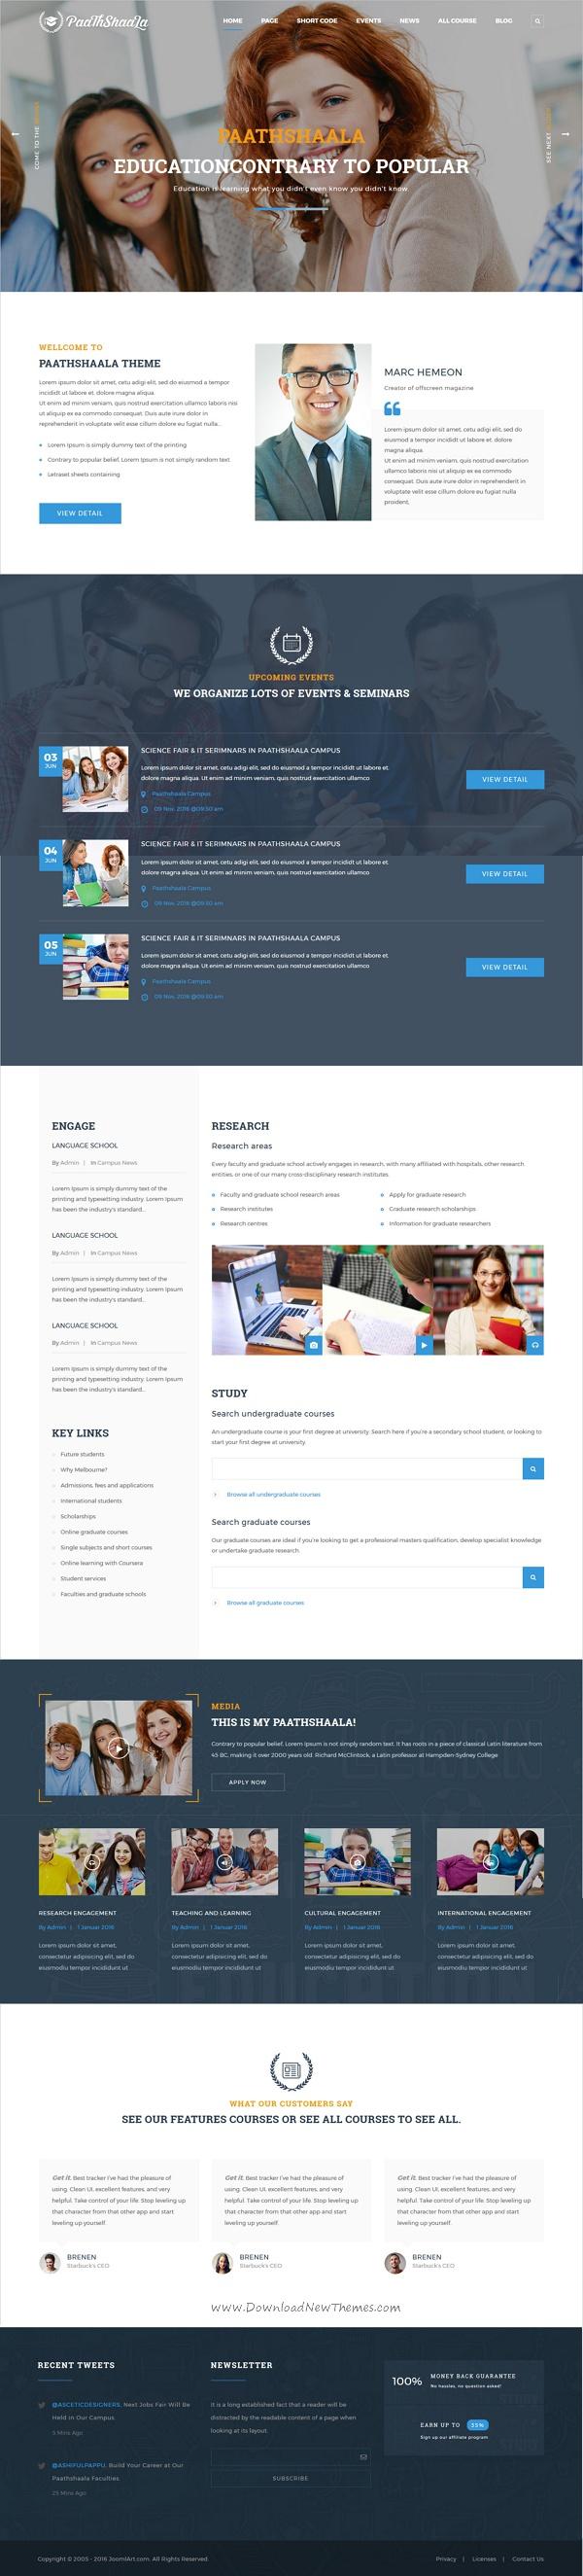 Fantastisch Website Vorlagen Torrents Bilder - Entry Level Resume ...